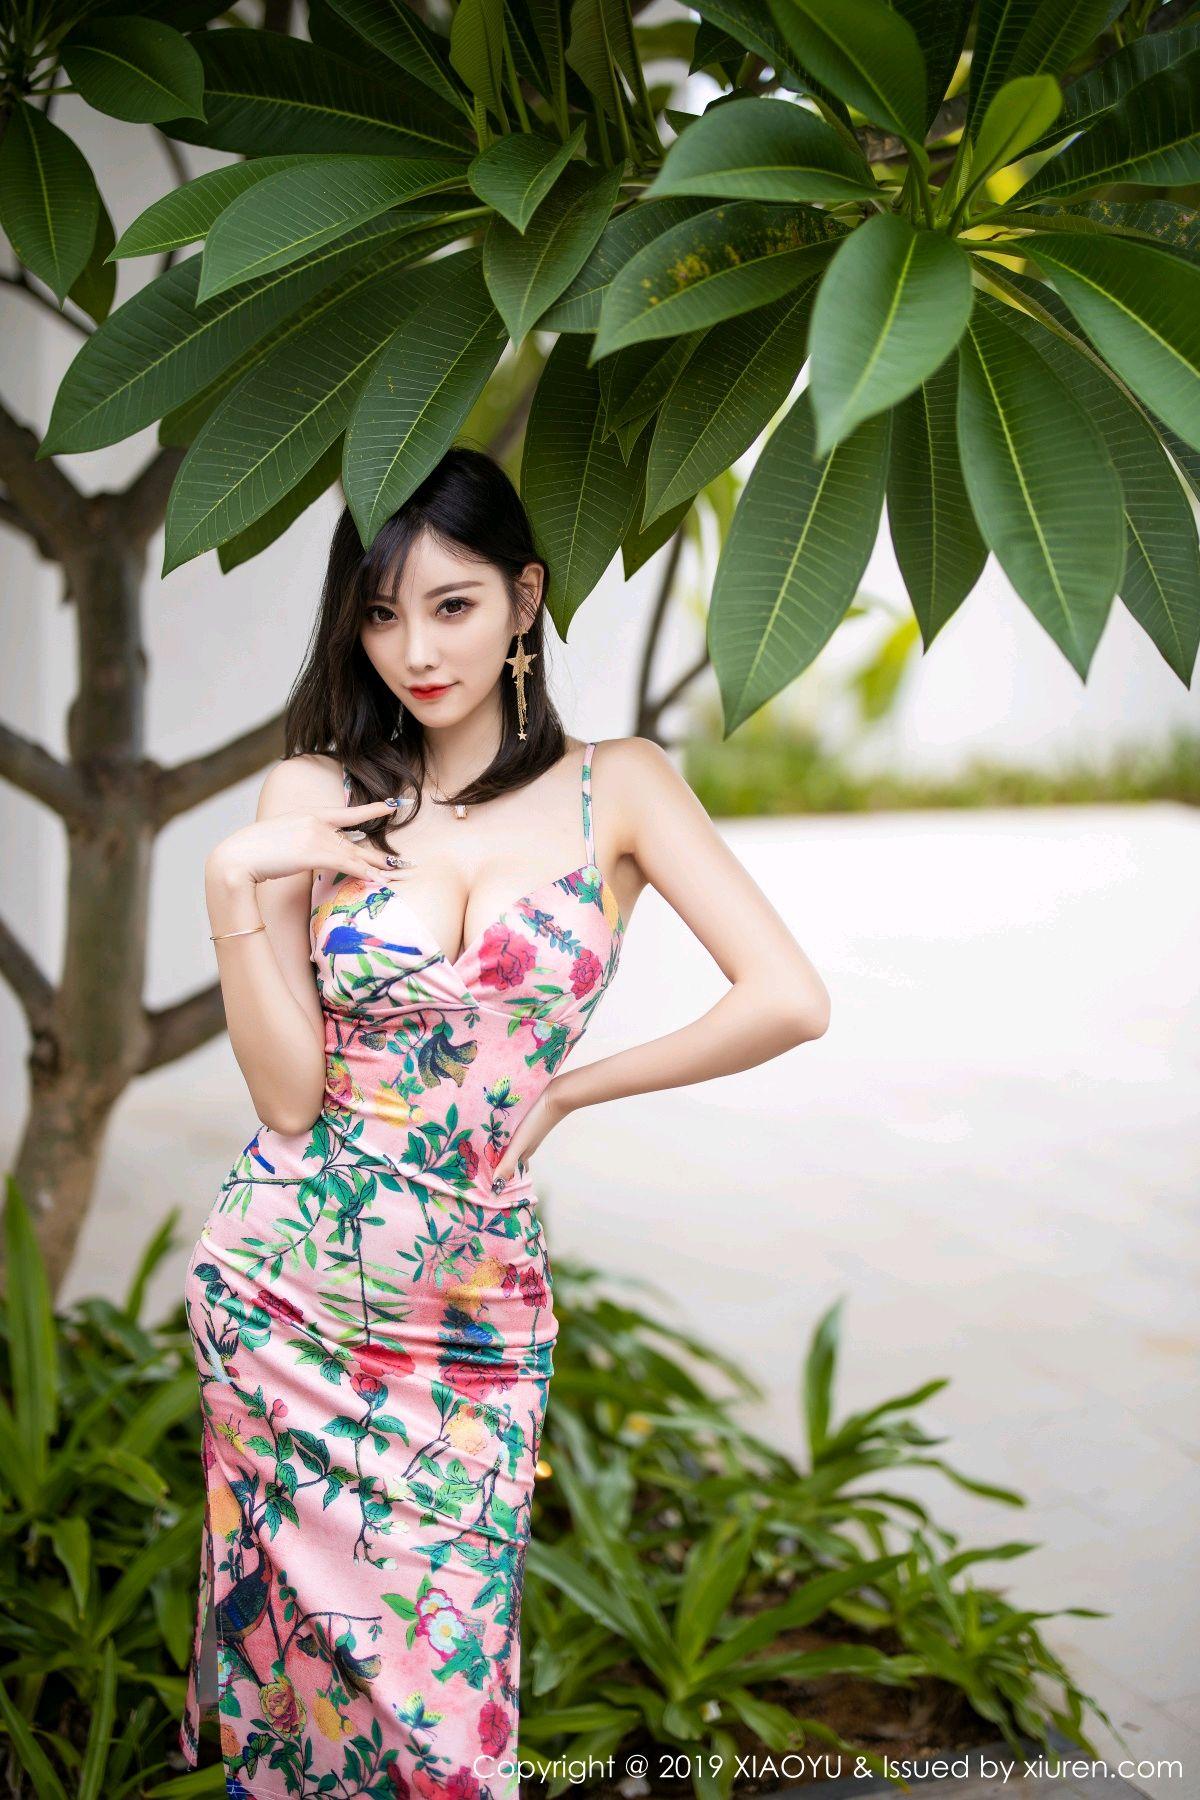 [XiaoYu] Vol.194 Yang Chen Chen 11P, Bikini, XiaoYu, Yang Chen Chen